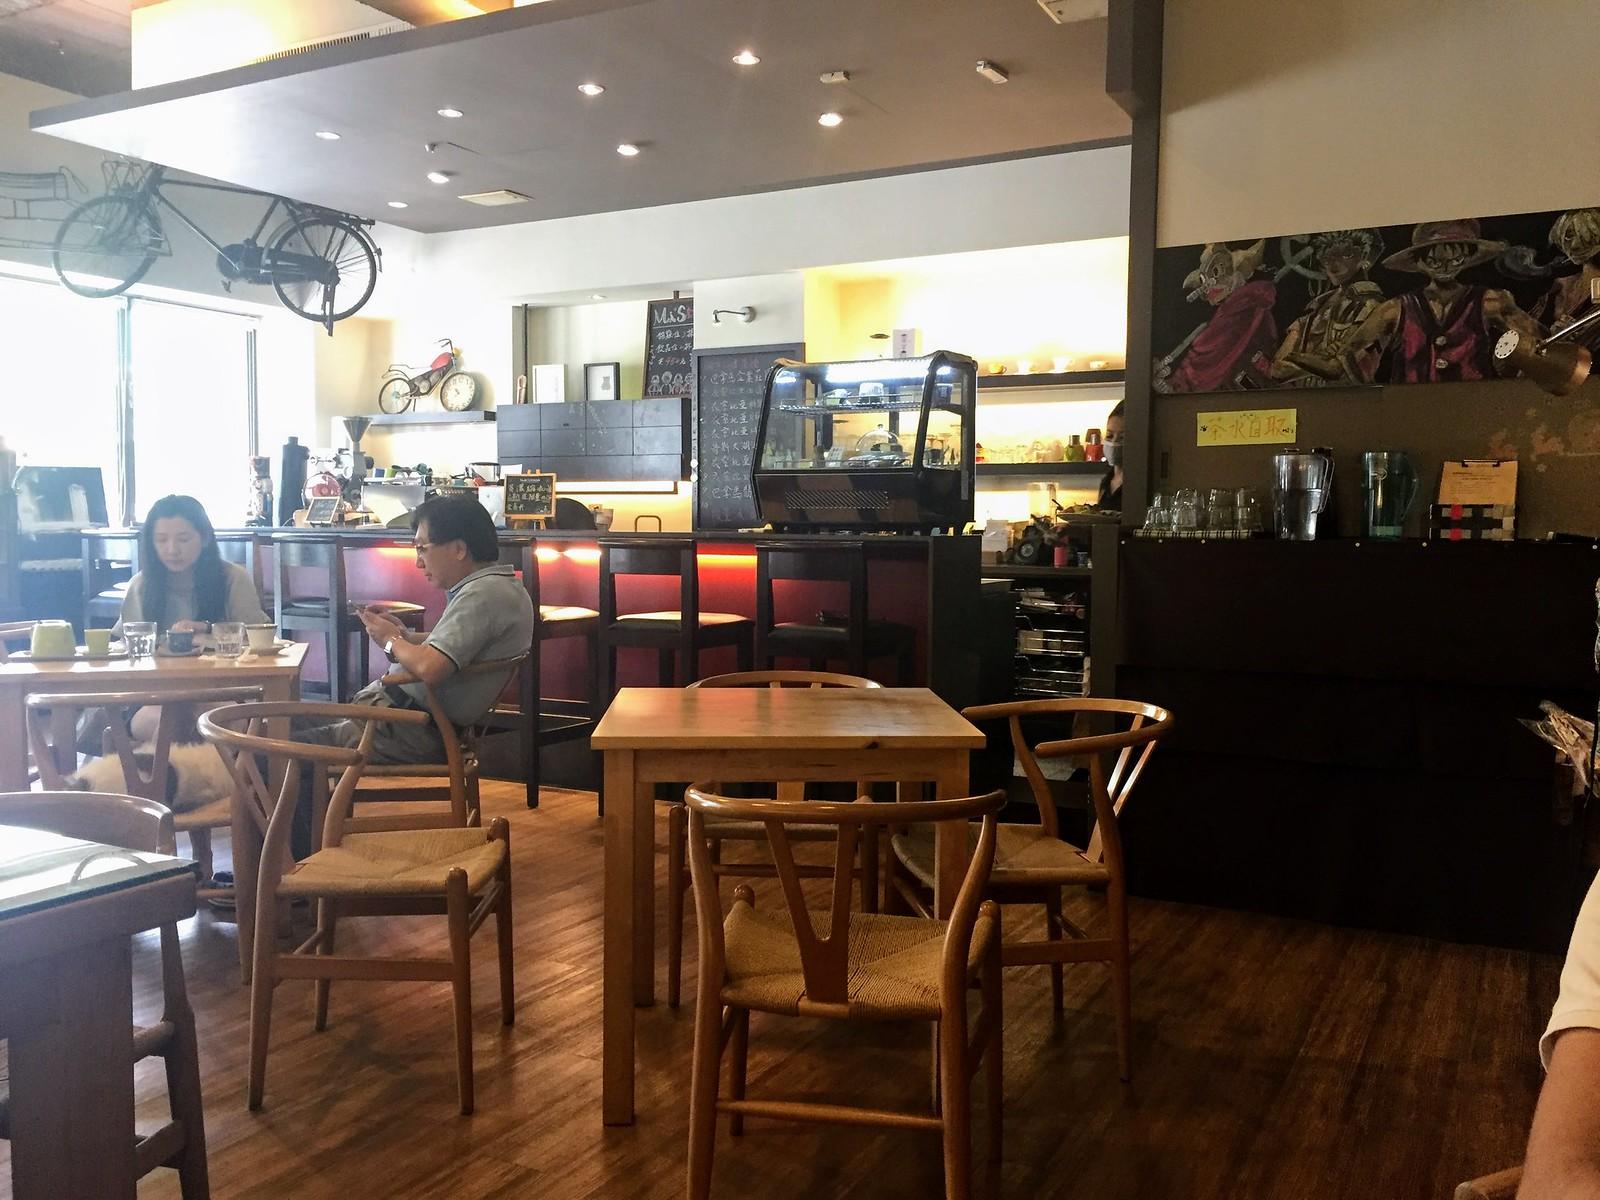 MI's cafe